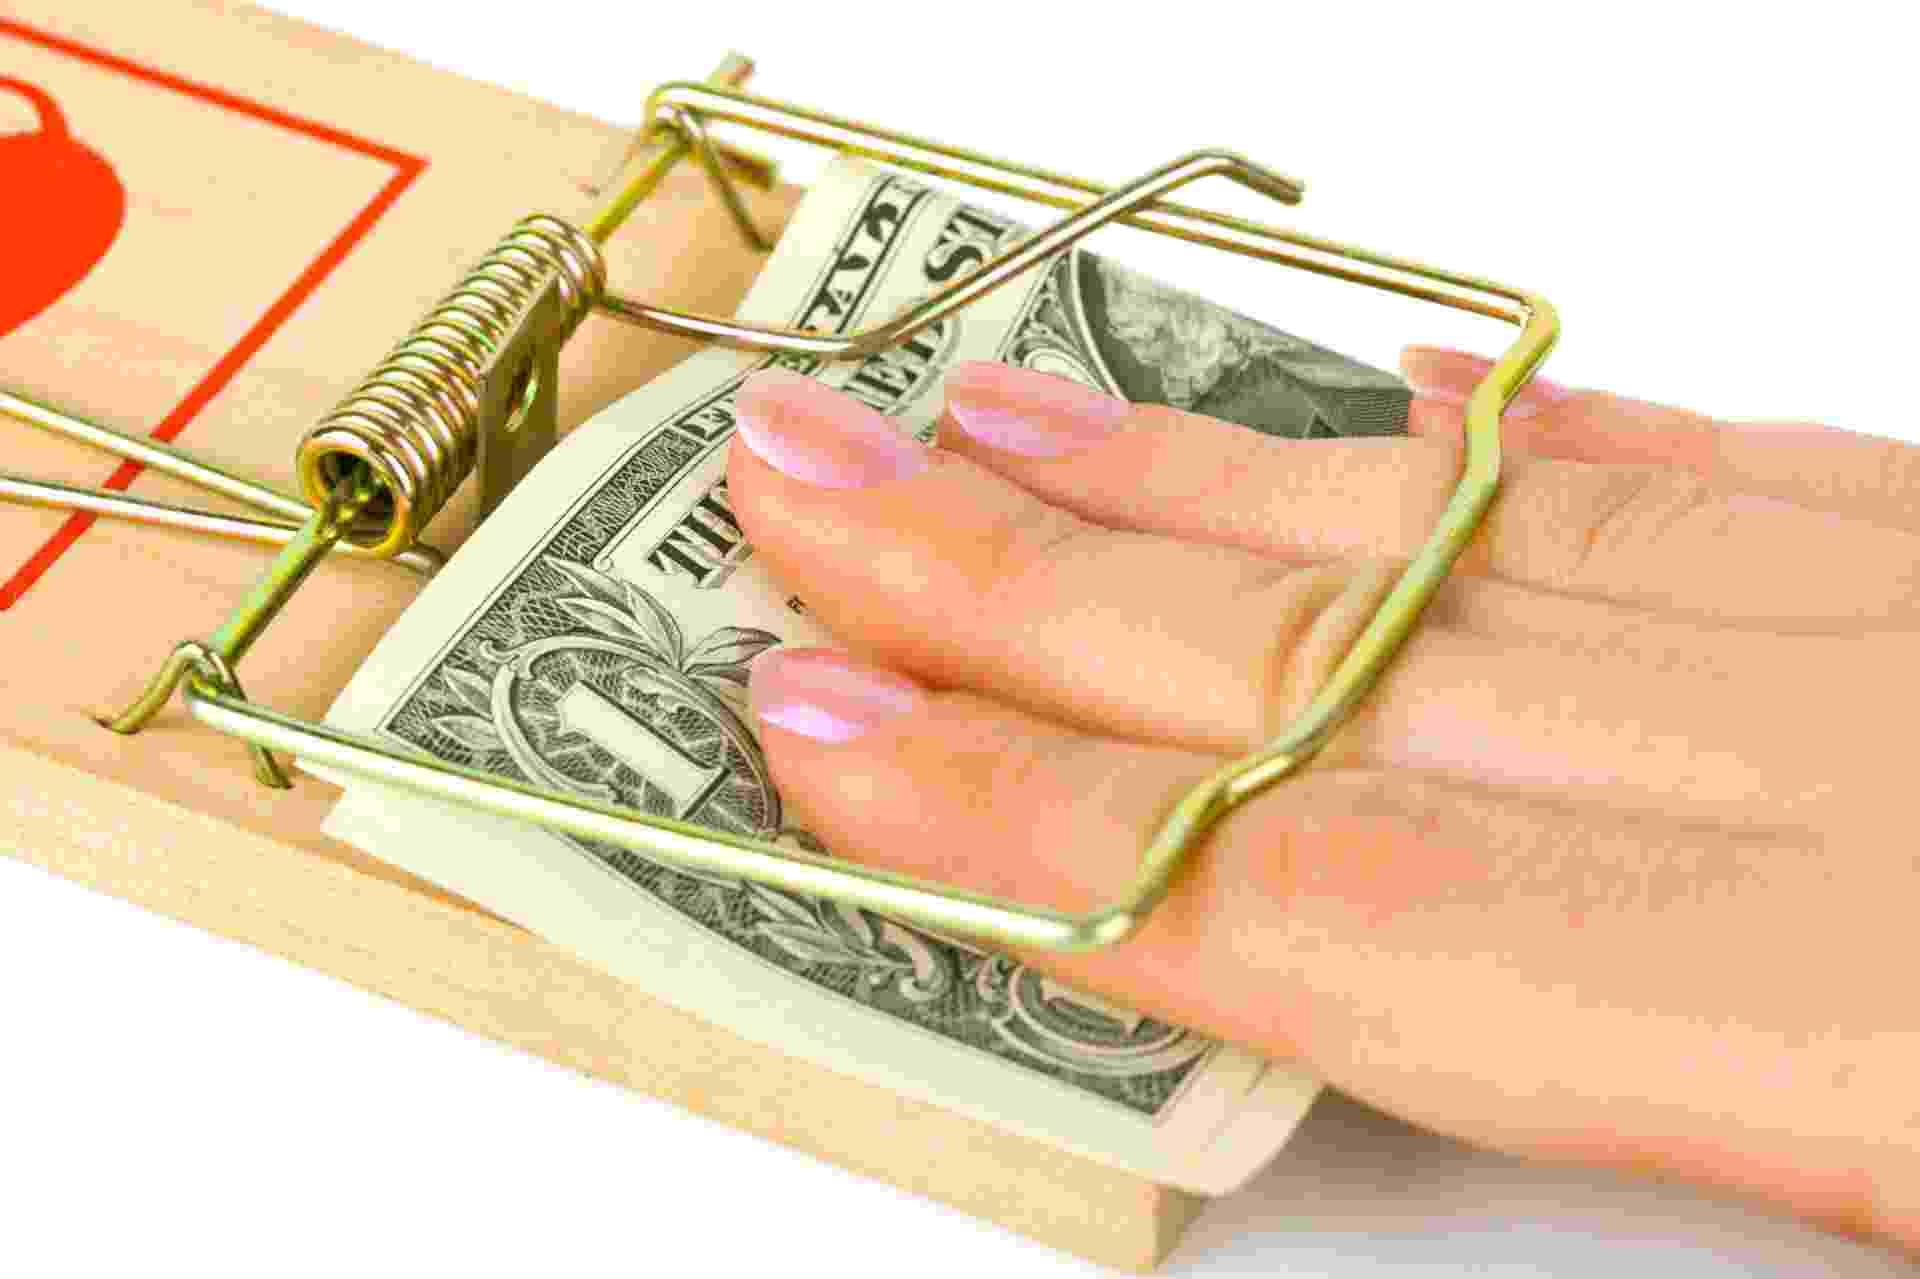 Armadilha, dinheiro, dívida, mão presa em armadilha para ratos - Getty Images/iStockphoto